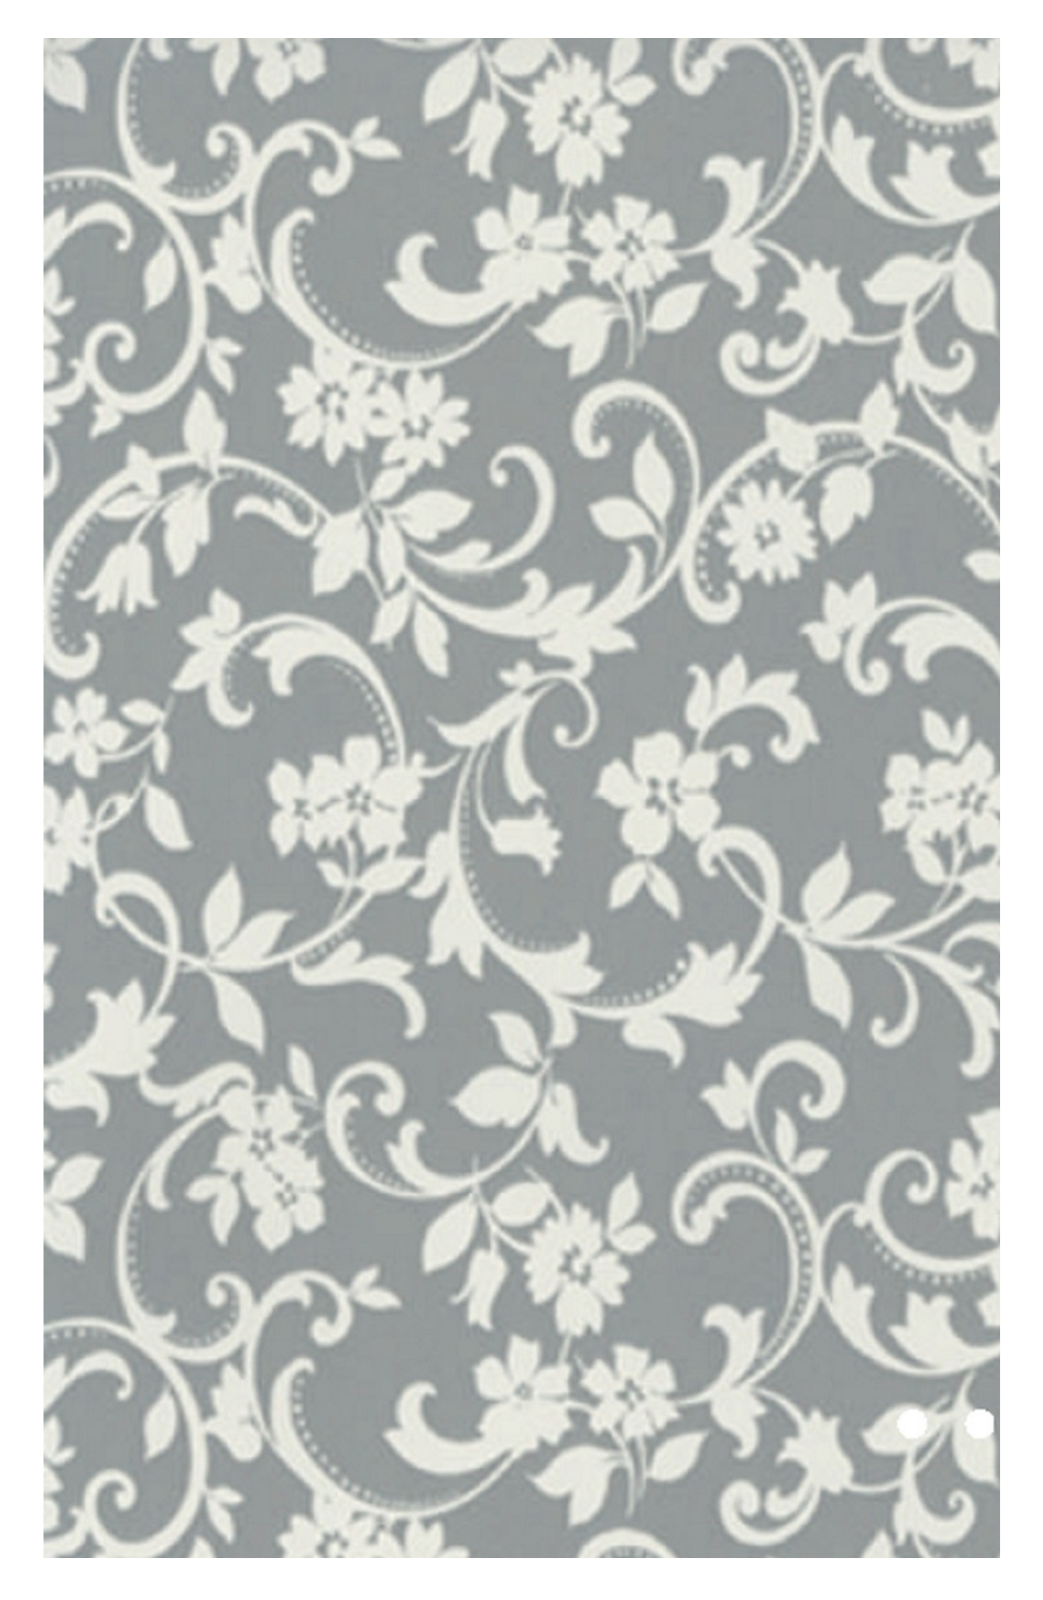 Klebefolie grau weiß - Muster Cirrus Ranken - Dekorfolie für Möbel |  Kuscheldecken Zierkissen Fensterfolie Fussmatten & Teppichläufer